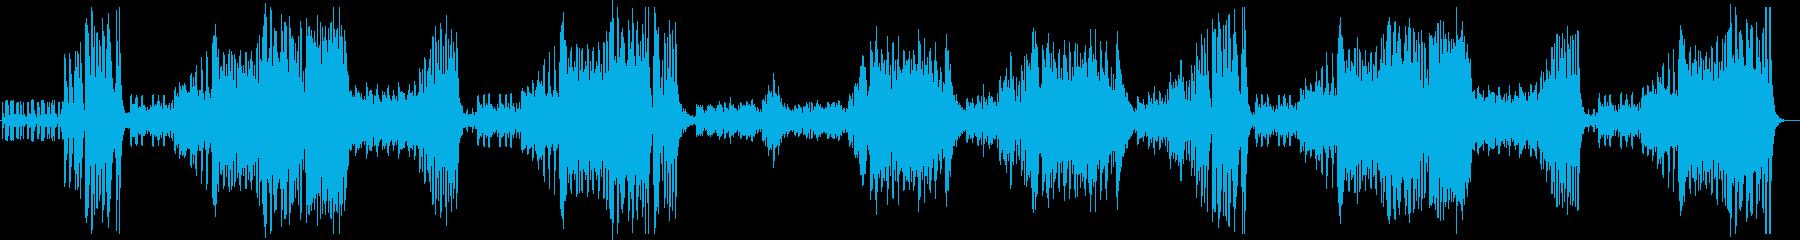 ラデツキー行進曲/オーケストラの再生済みの波形